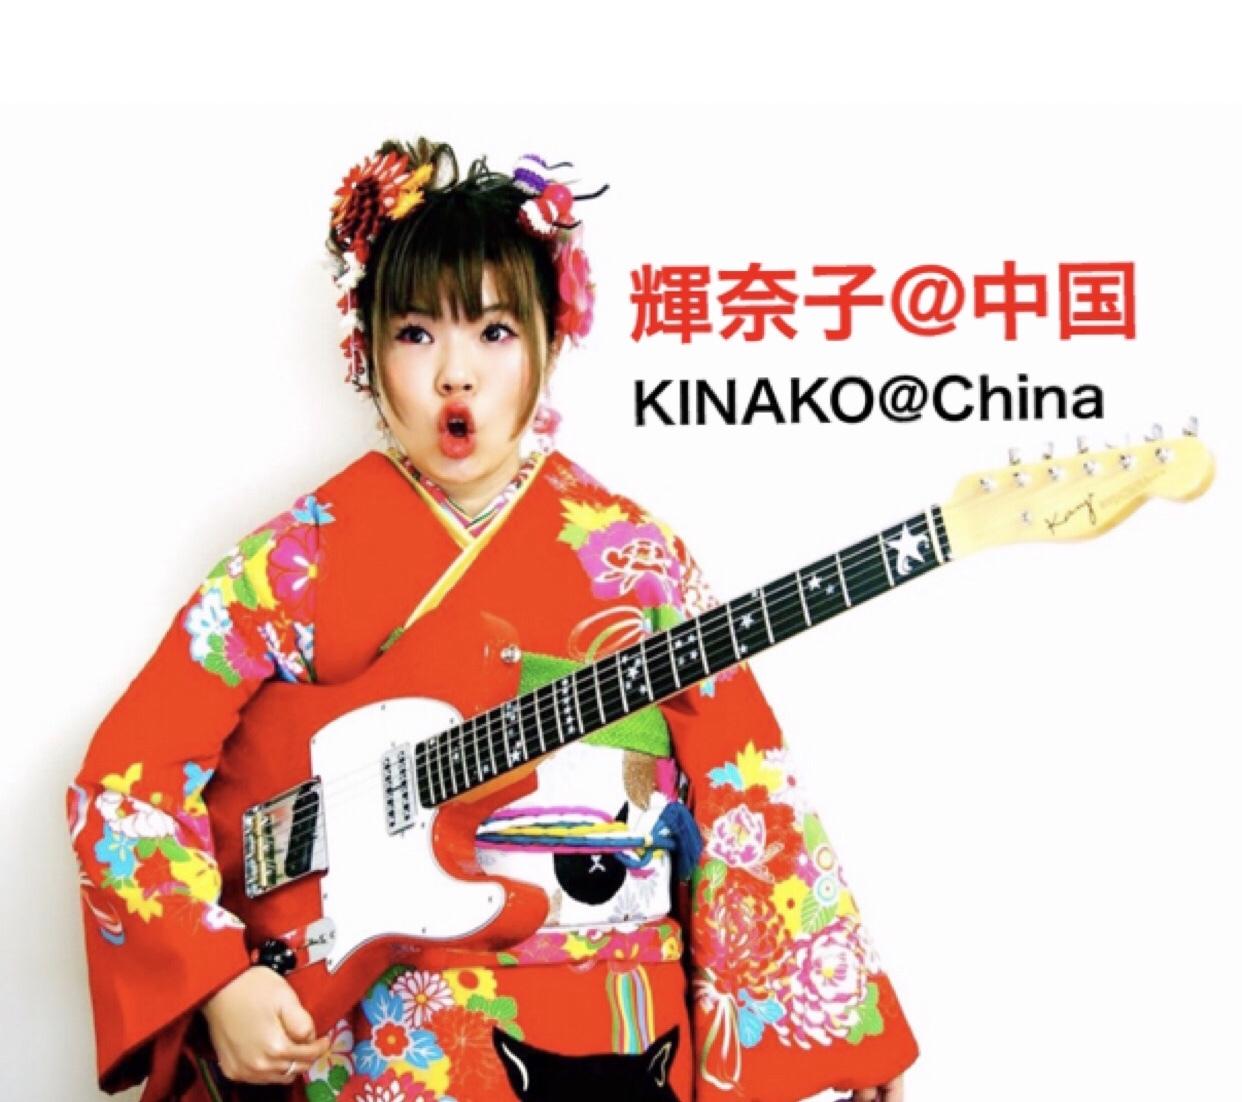 中国でキナコ楽曲配信開始!_f0115311_18380121.jpeg